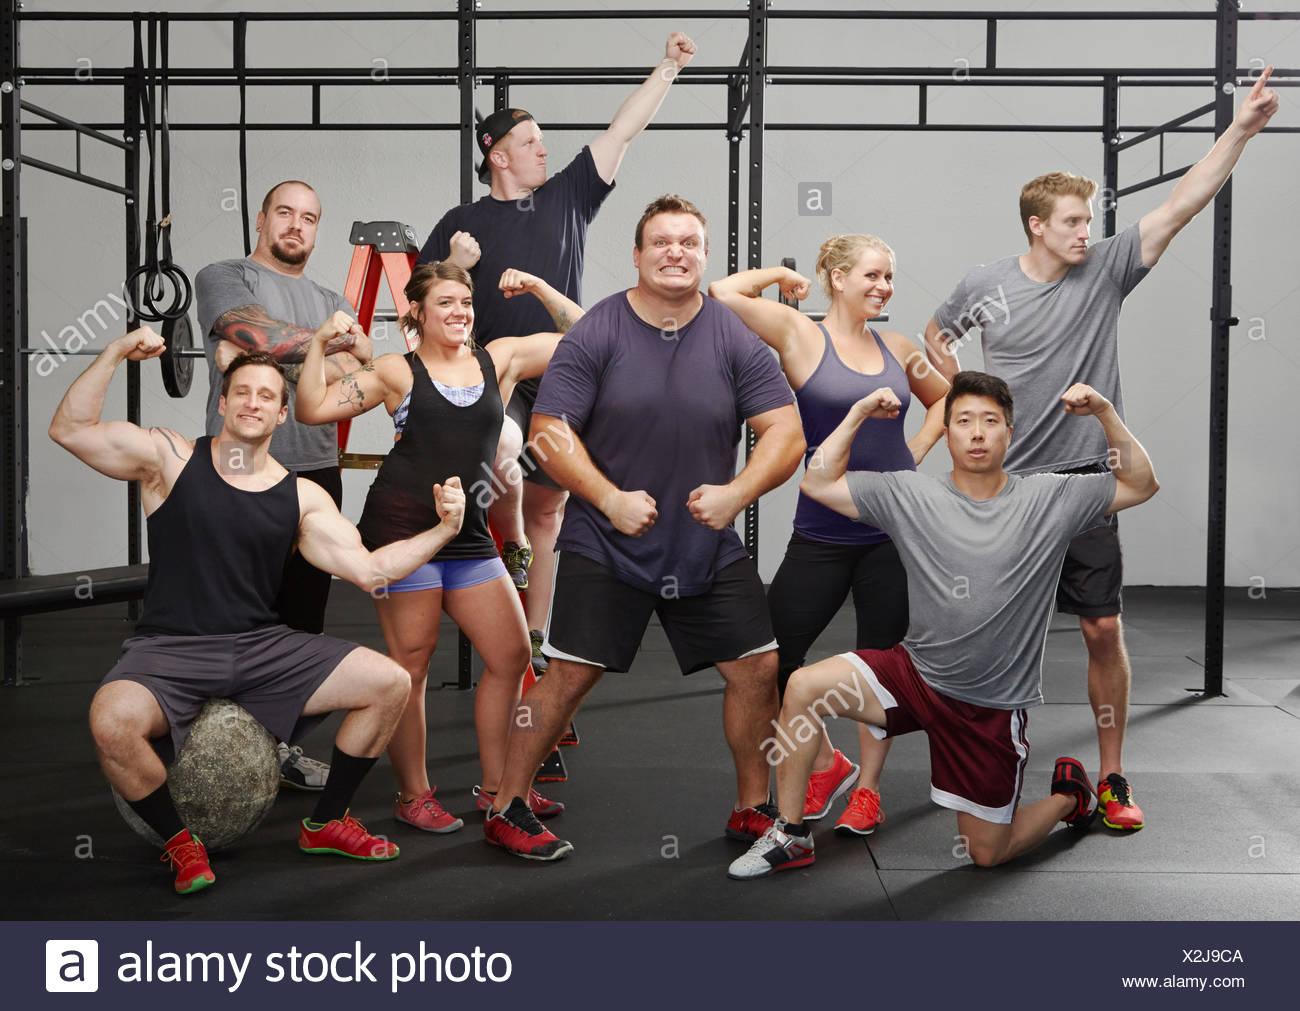 Retrato de ocho personas flexionando los músculos en el gimnasio Imagen De Stock